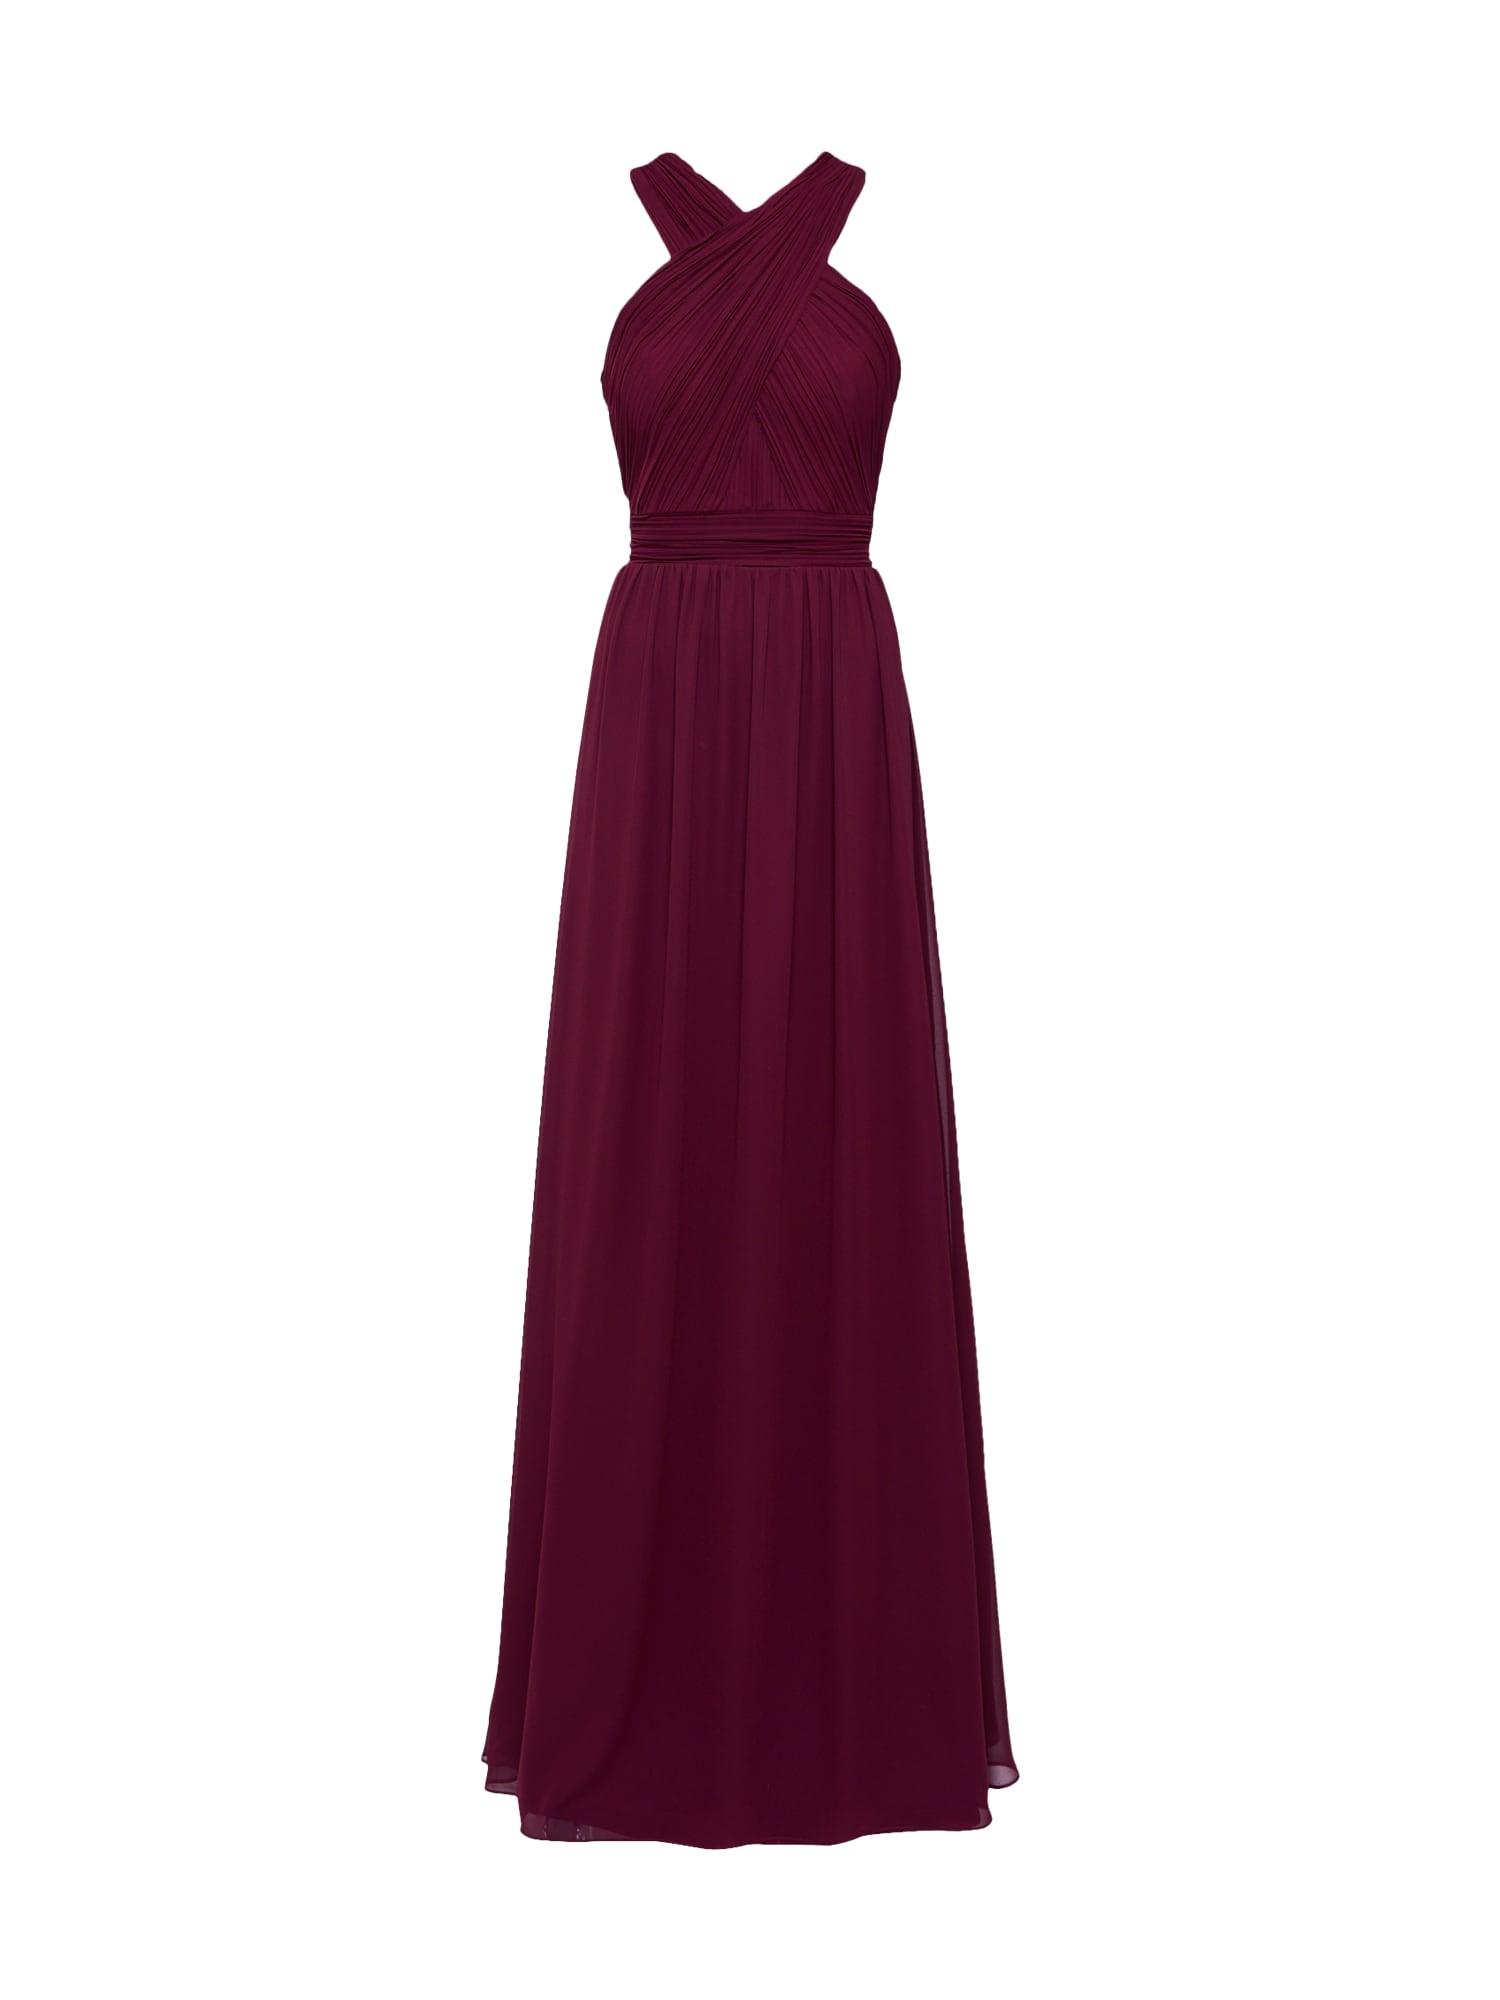 Abendkleid | Bekleidung > Kleider > Abendkleider | STAR NIGHT